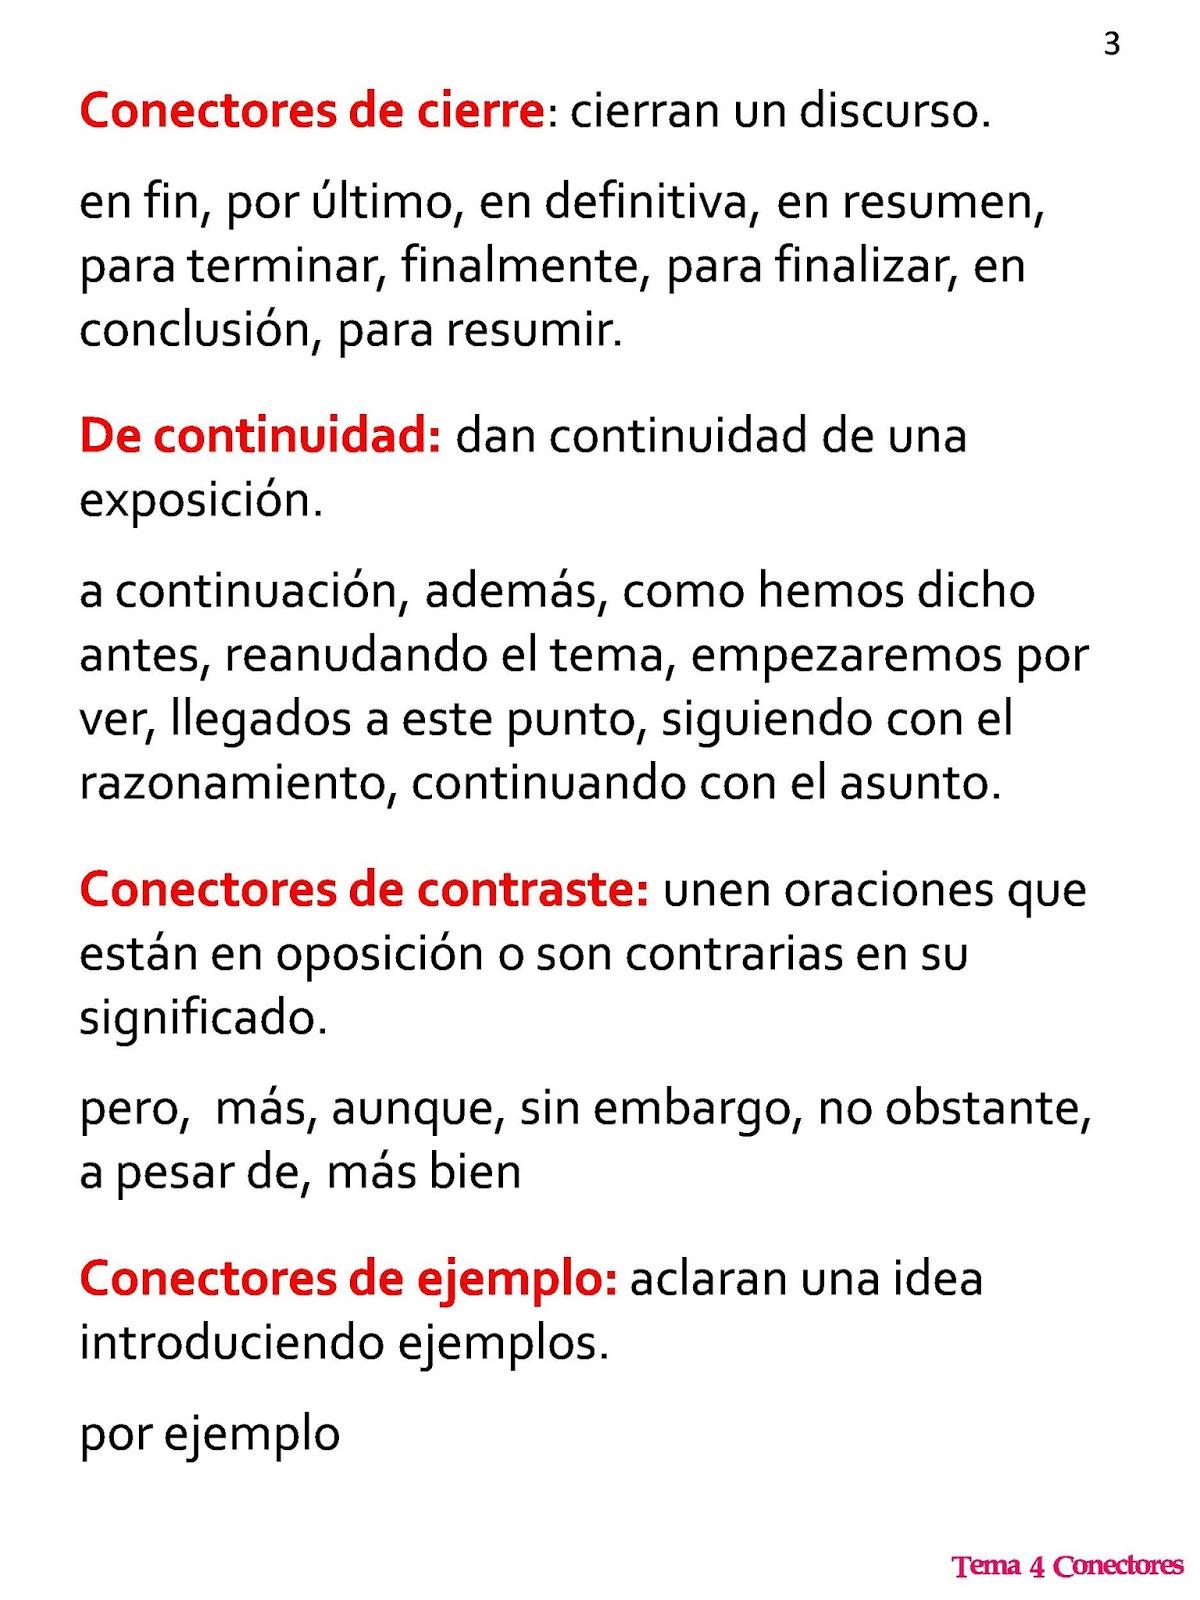 Atractivo Ejemplos Reanudan Resumen Colección de Imágenes ...